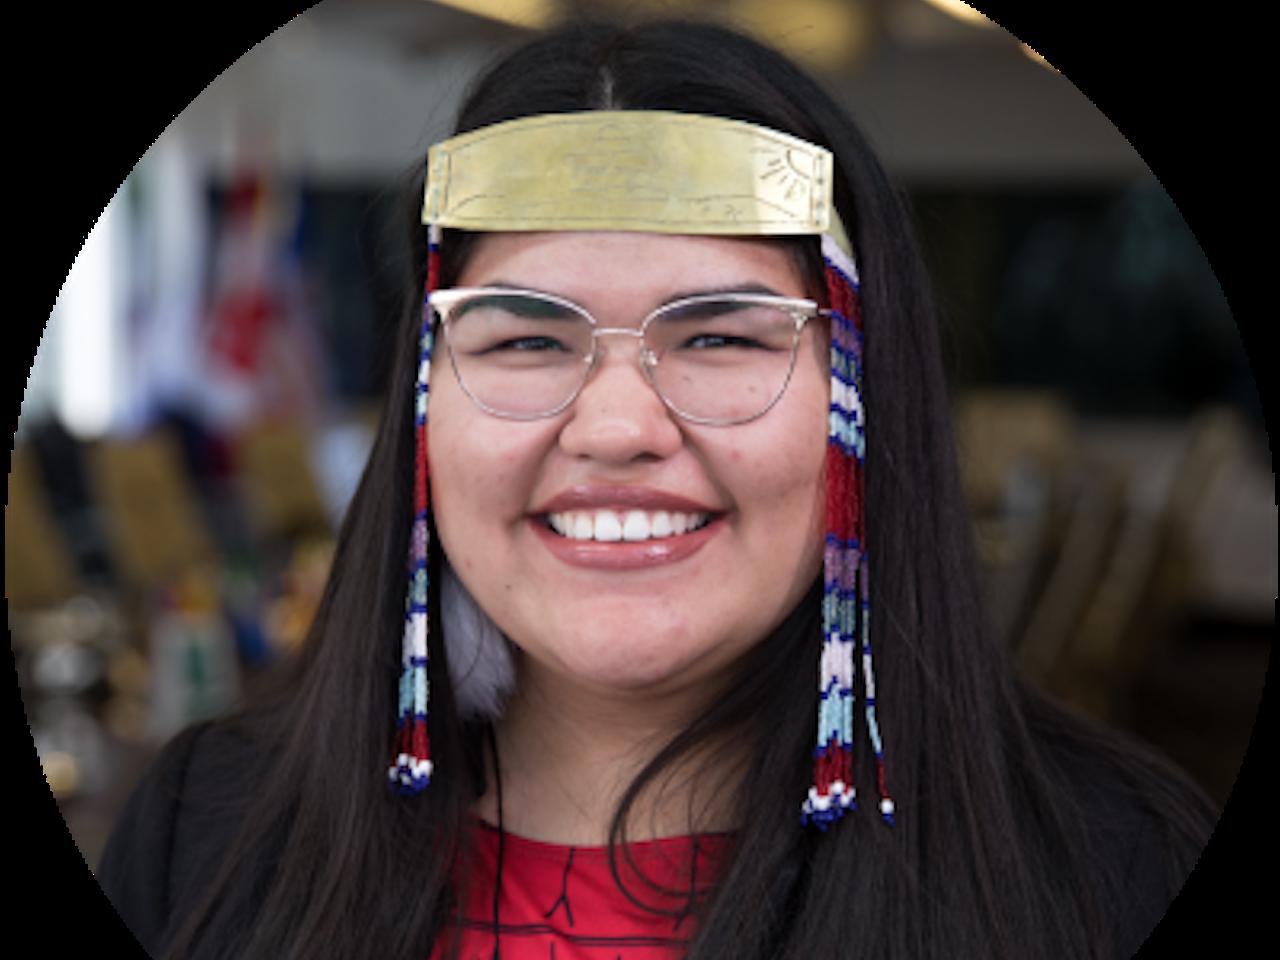 """Season 1 - """"Healing & Reconciliation"""" Series - Inuit Activist - Entrevue """"Guérison & Réconciliation"""" avec Ashley Cummings, jeune activiste Inuit."""